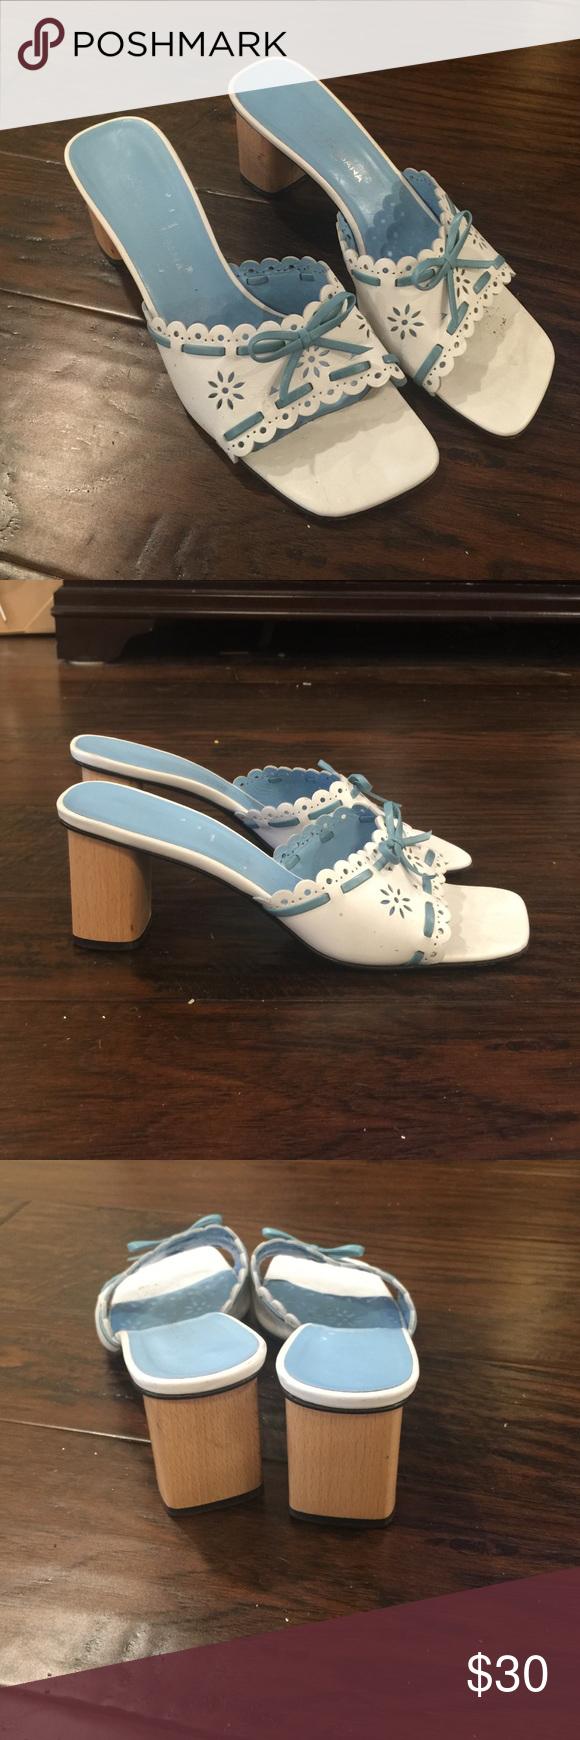 Dolce & Gabbana slides size 39 EUC Dolce & Gabbana slides size 39. Super cute! Dolce & Gabbana Shoes Sandals